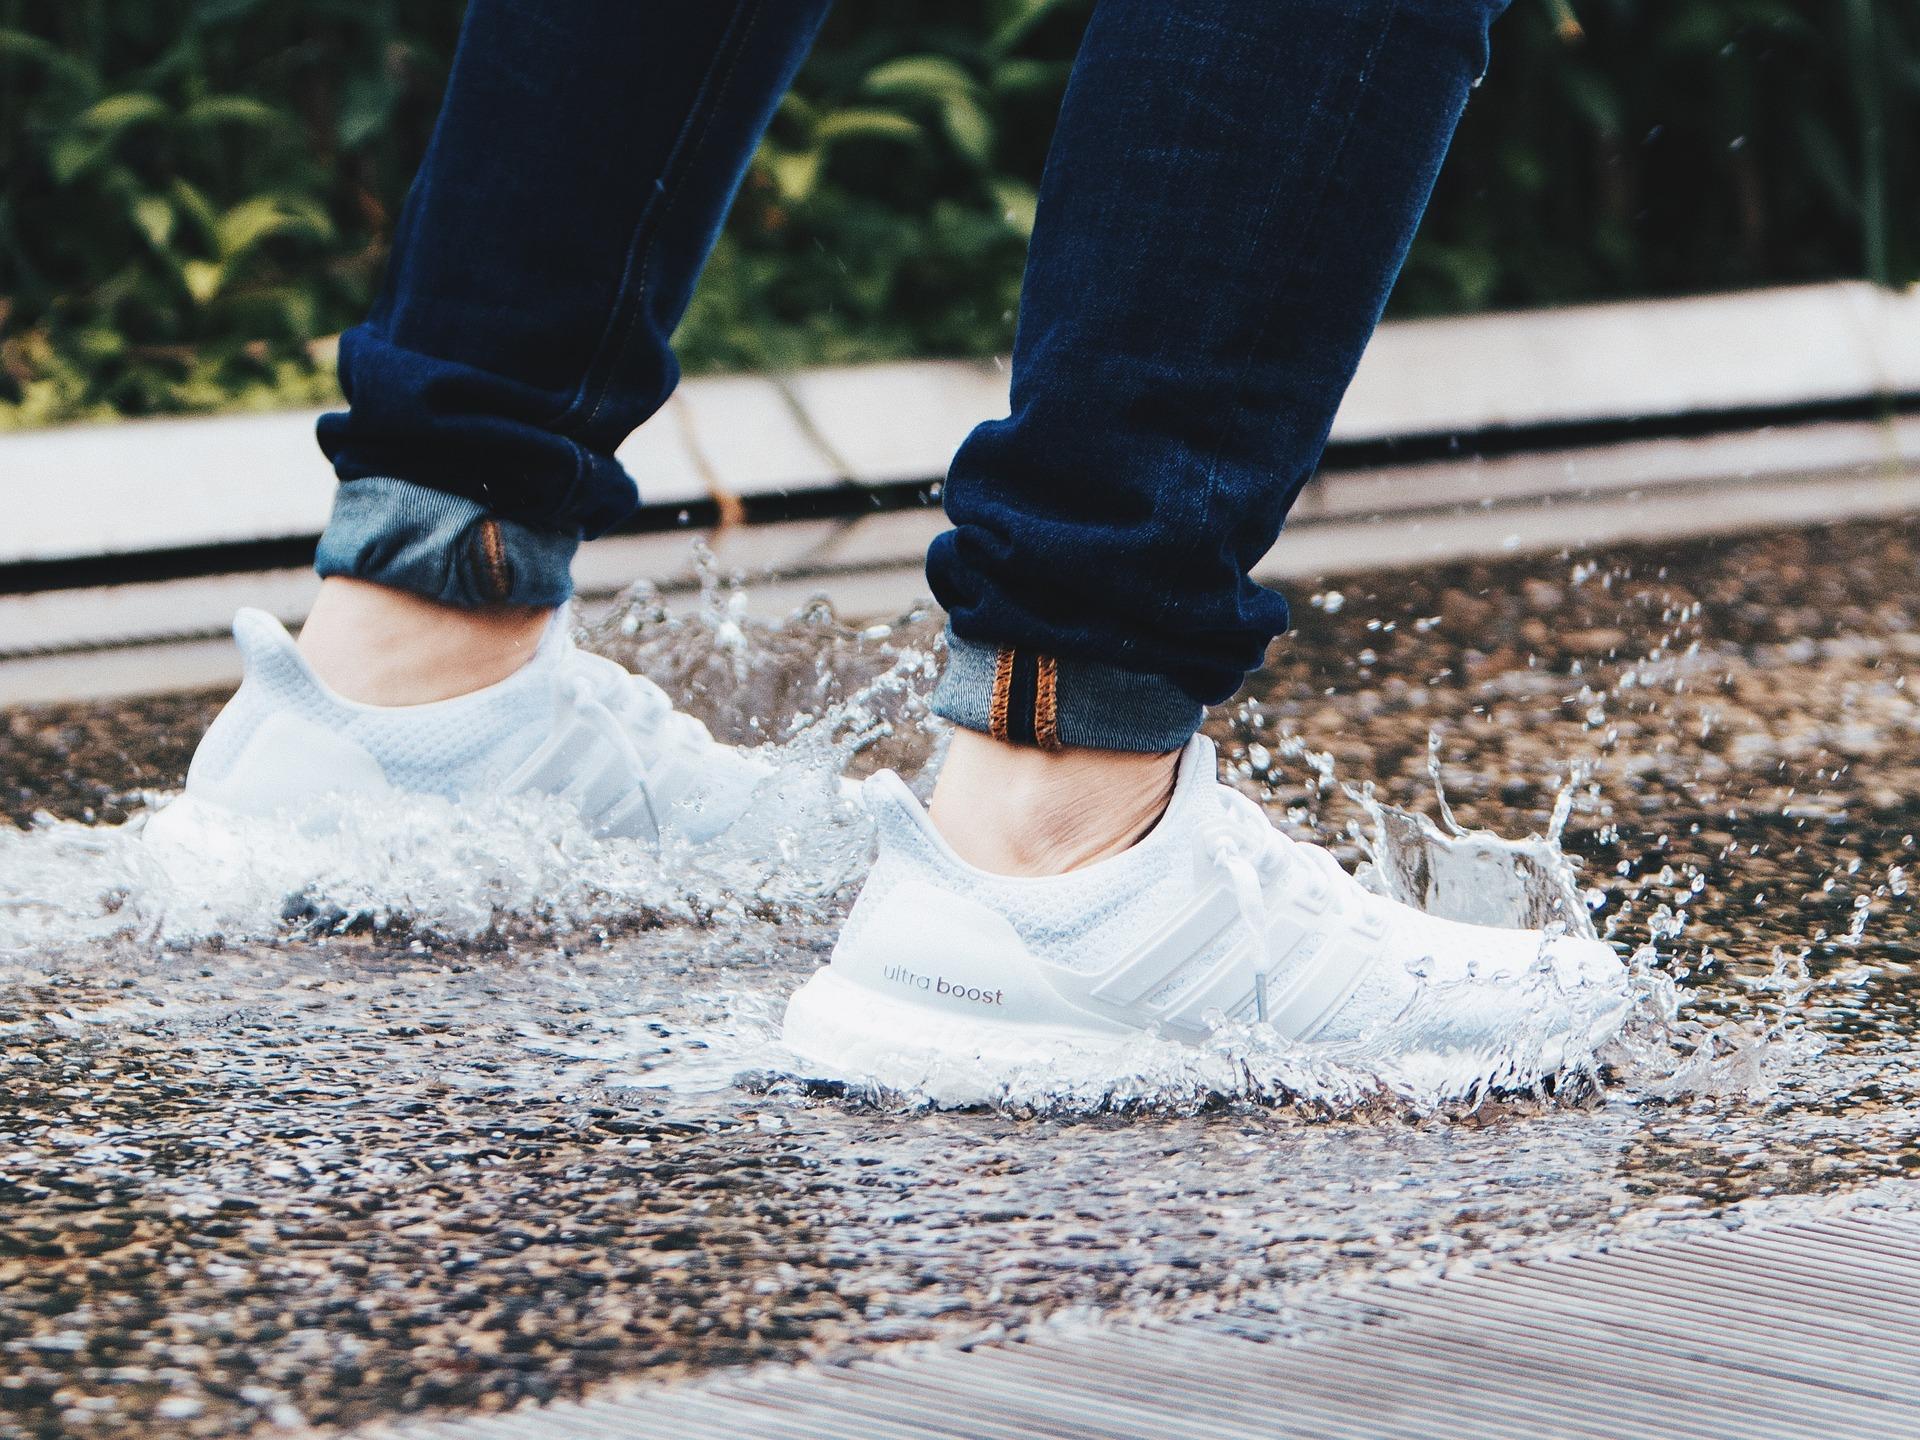 Boost är en av adidas mest populära skomodeller. De erbjuder en rad olika löparskor.